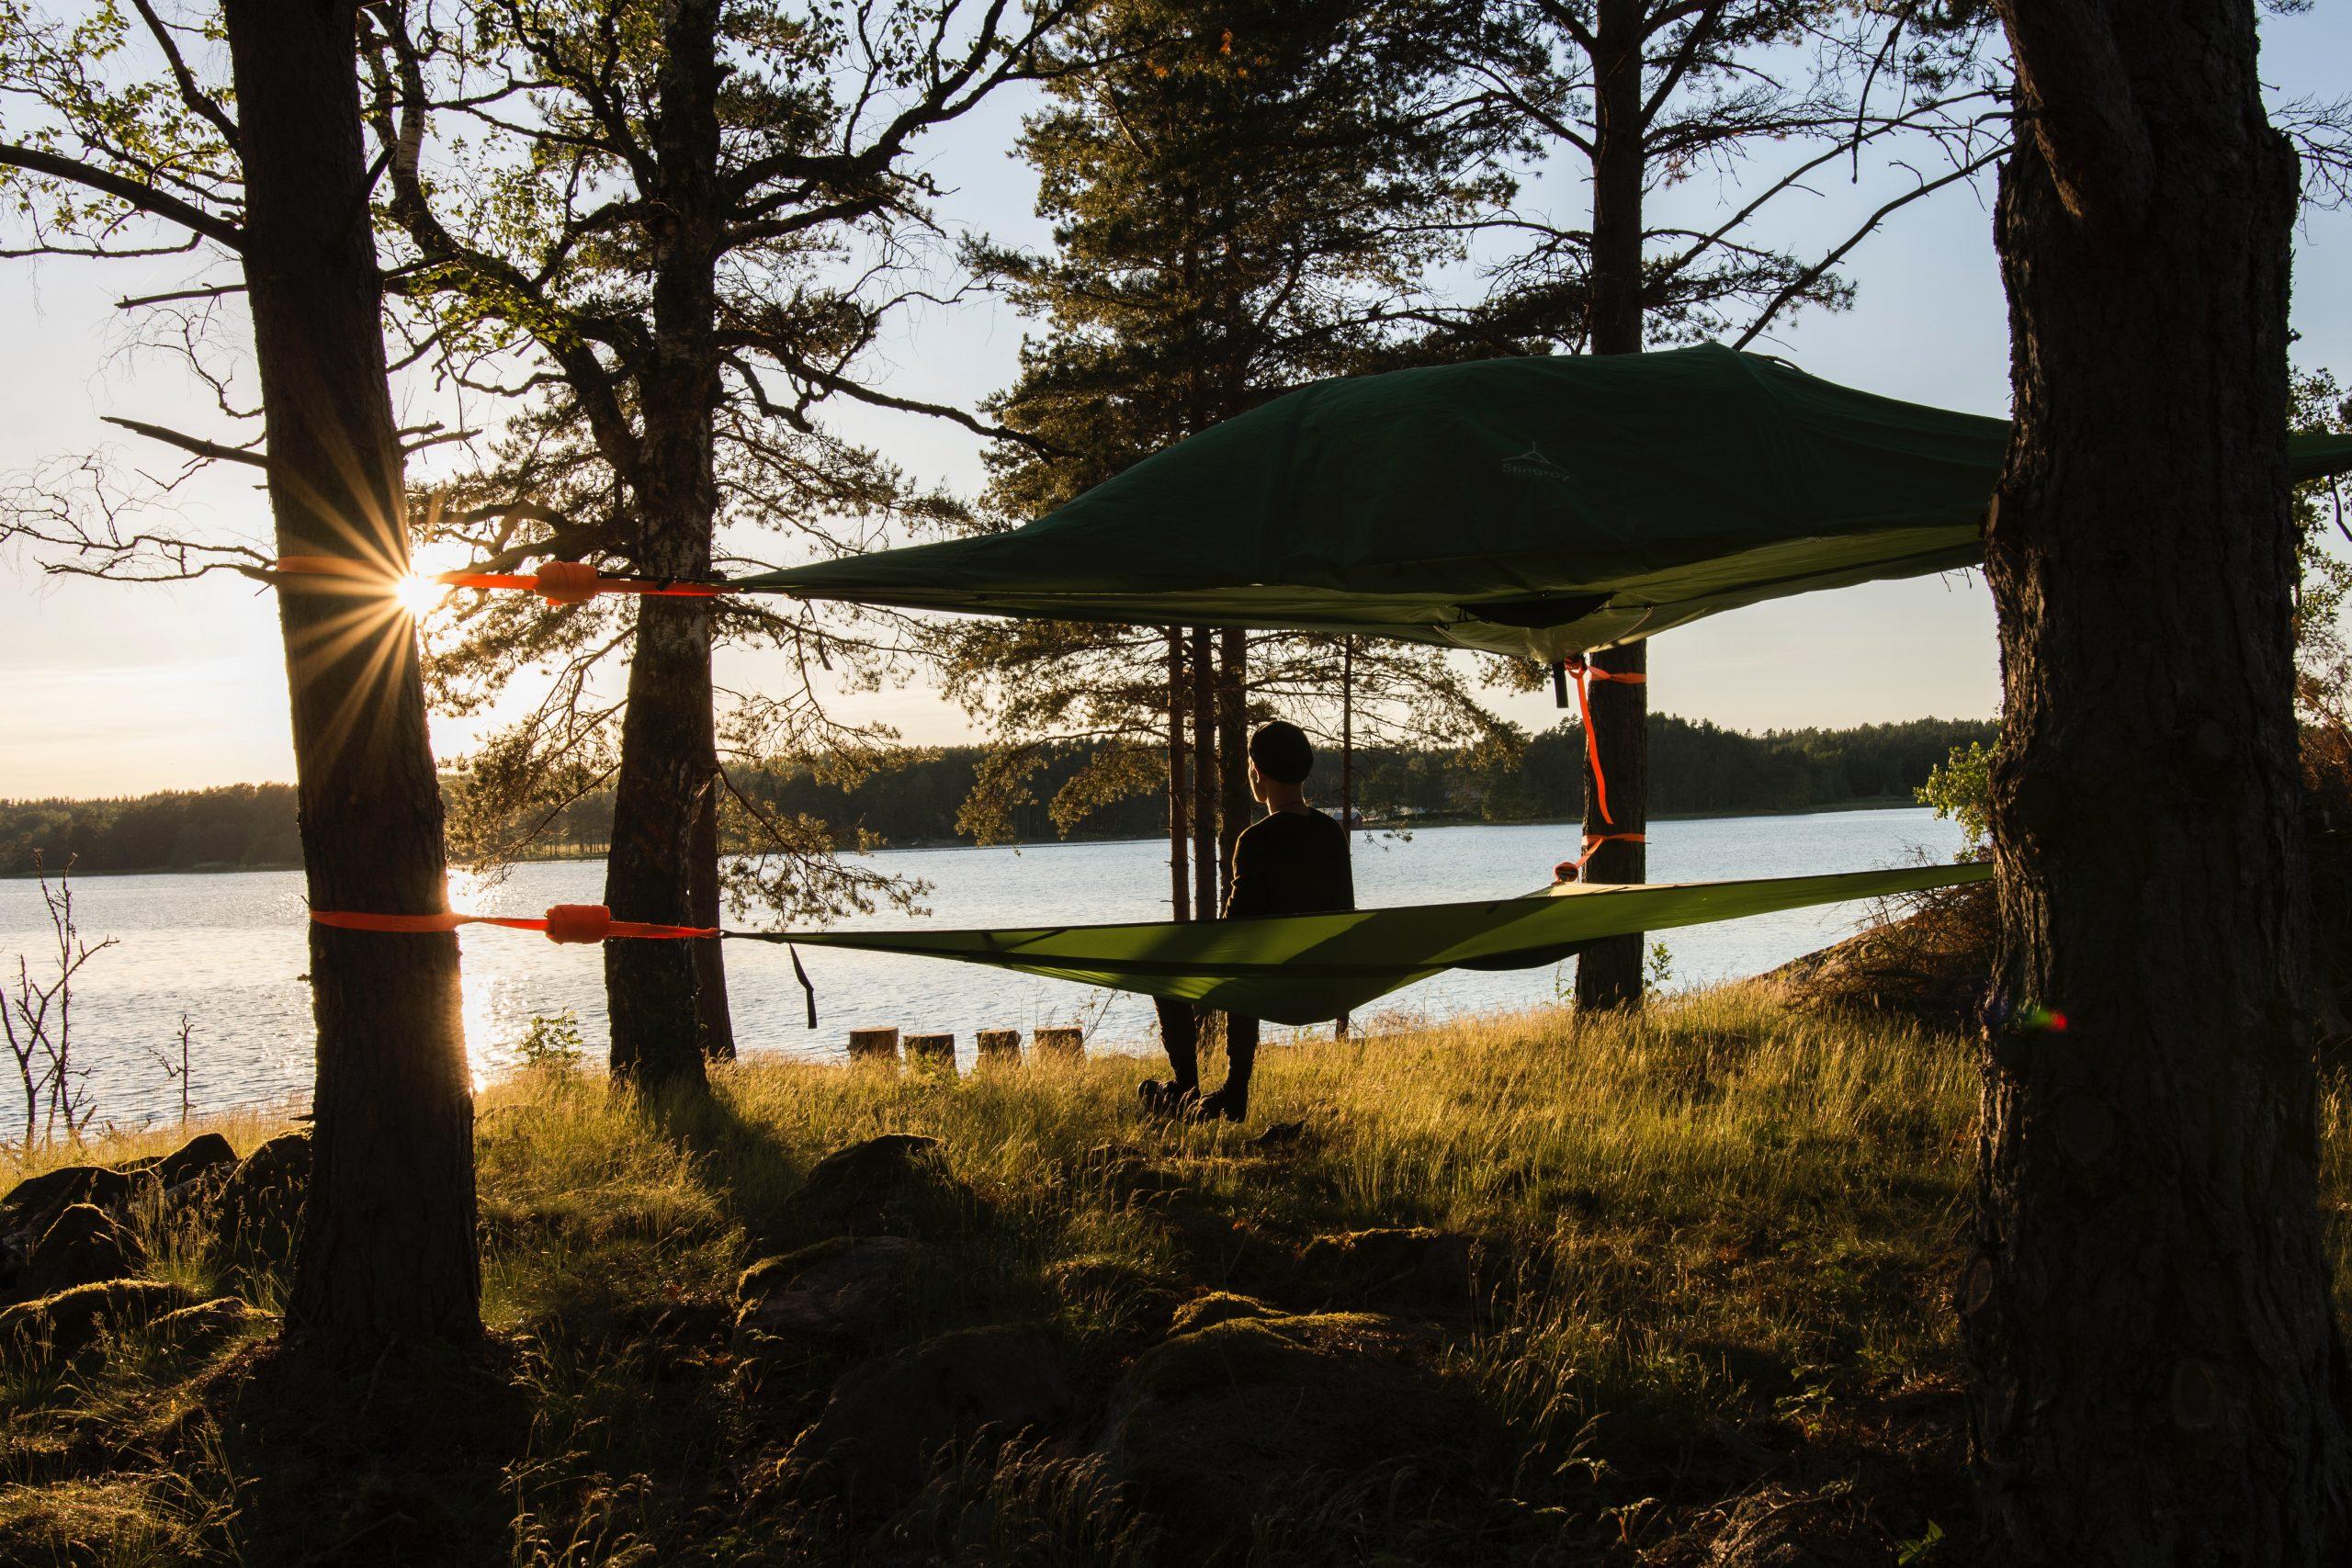 A man enjoying outdoor activities in one of the best U.S. cities to live in if you love outdoor activities